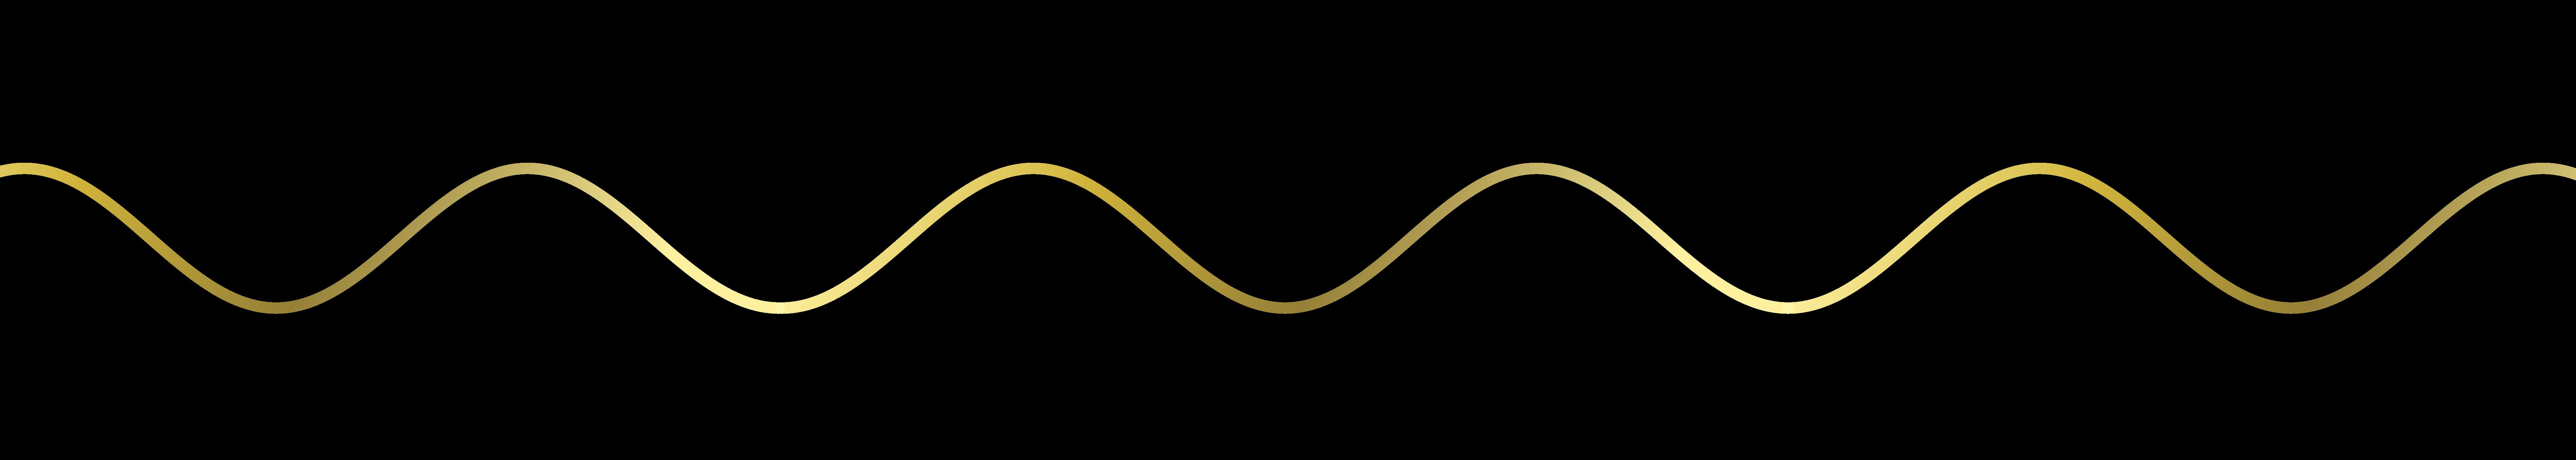 Linije_02-01